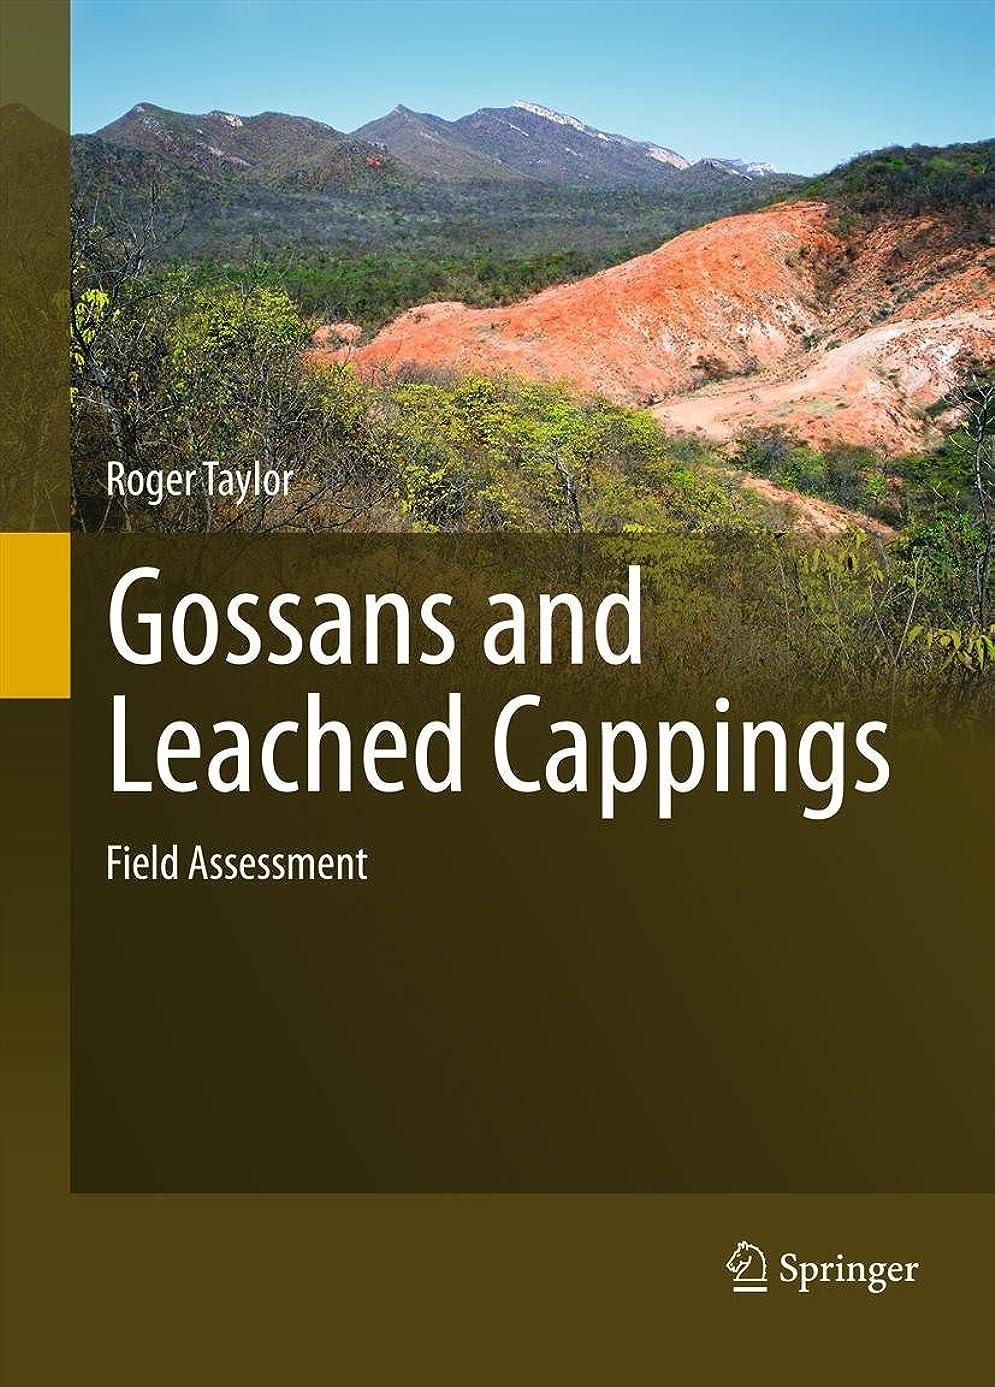 与える絶滅した放課後Gossans and Leached Cappings: Field Assessment (English Edition)